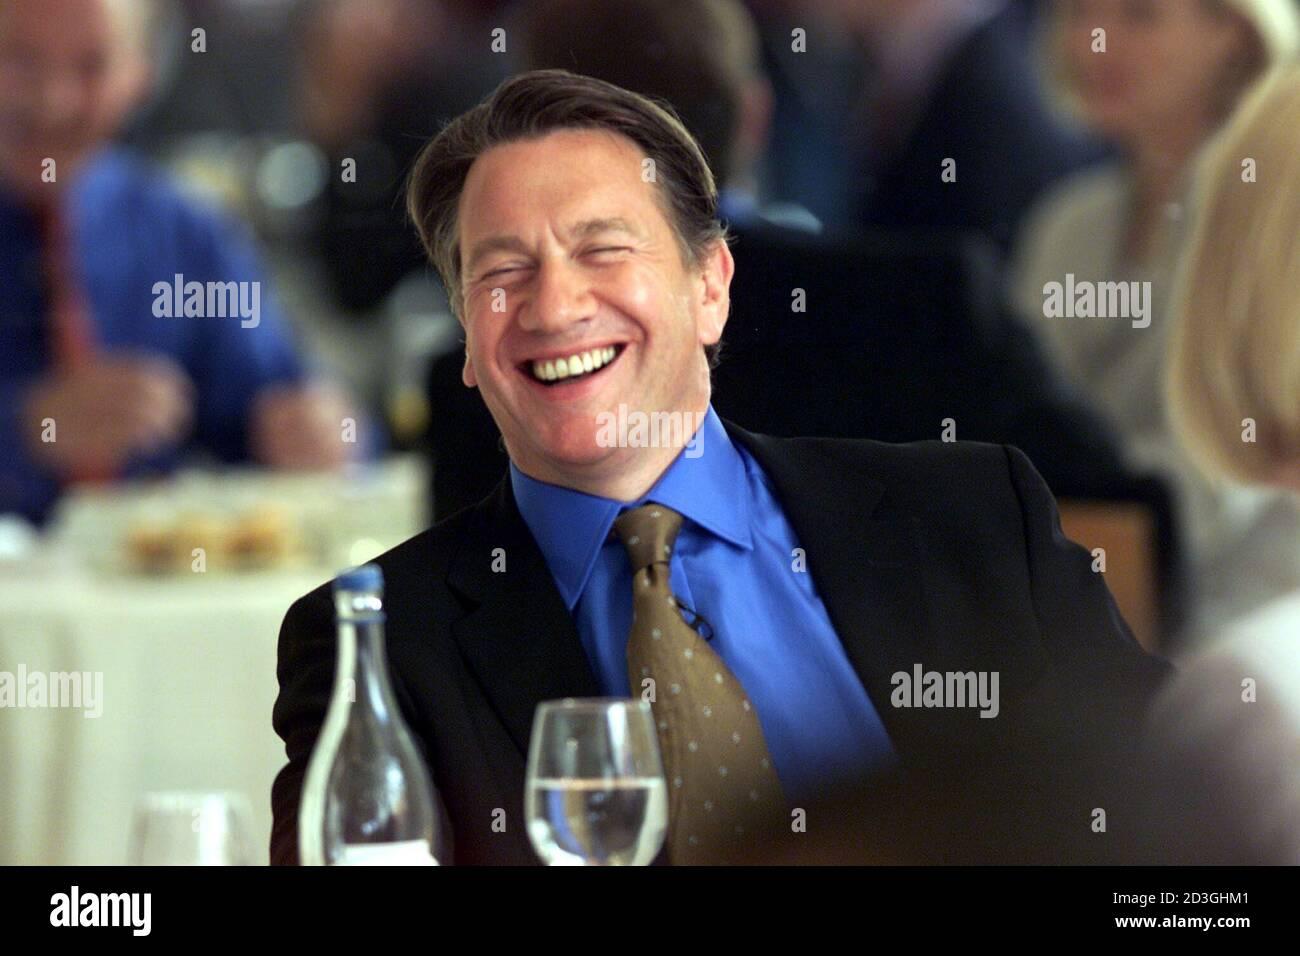 Großbritanniens Schattenkanzler Michael Portillo lacht, als er offiziell sein Wahlkampfmanifest für die Führung der britischen Konservativen Partei am 21. Juni 2001 im Avenue Restaurant in London startet. Bei der offiziellen Vorstellung sagte Portillo seinem Publikum von Unterstützern, dass die Konservative Partei den Mut haben müsse, eine Veränderung vorzunehmen. BR Stockfoto